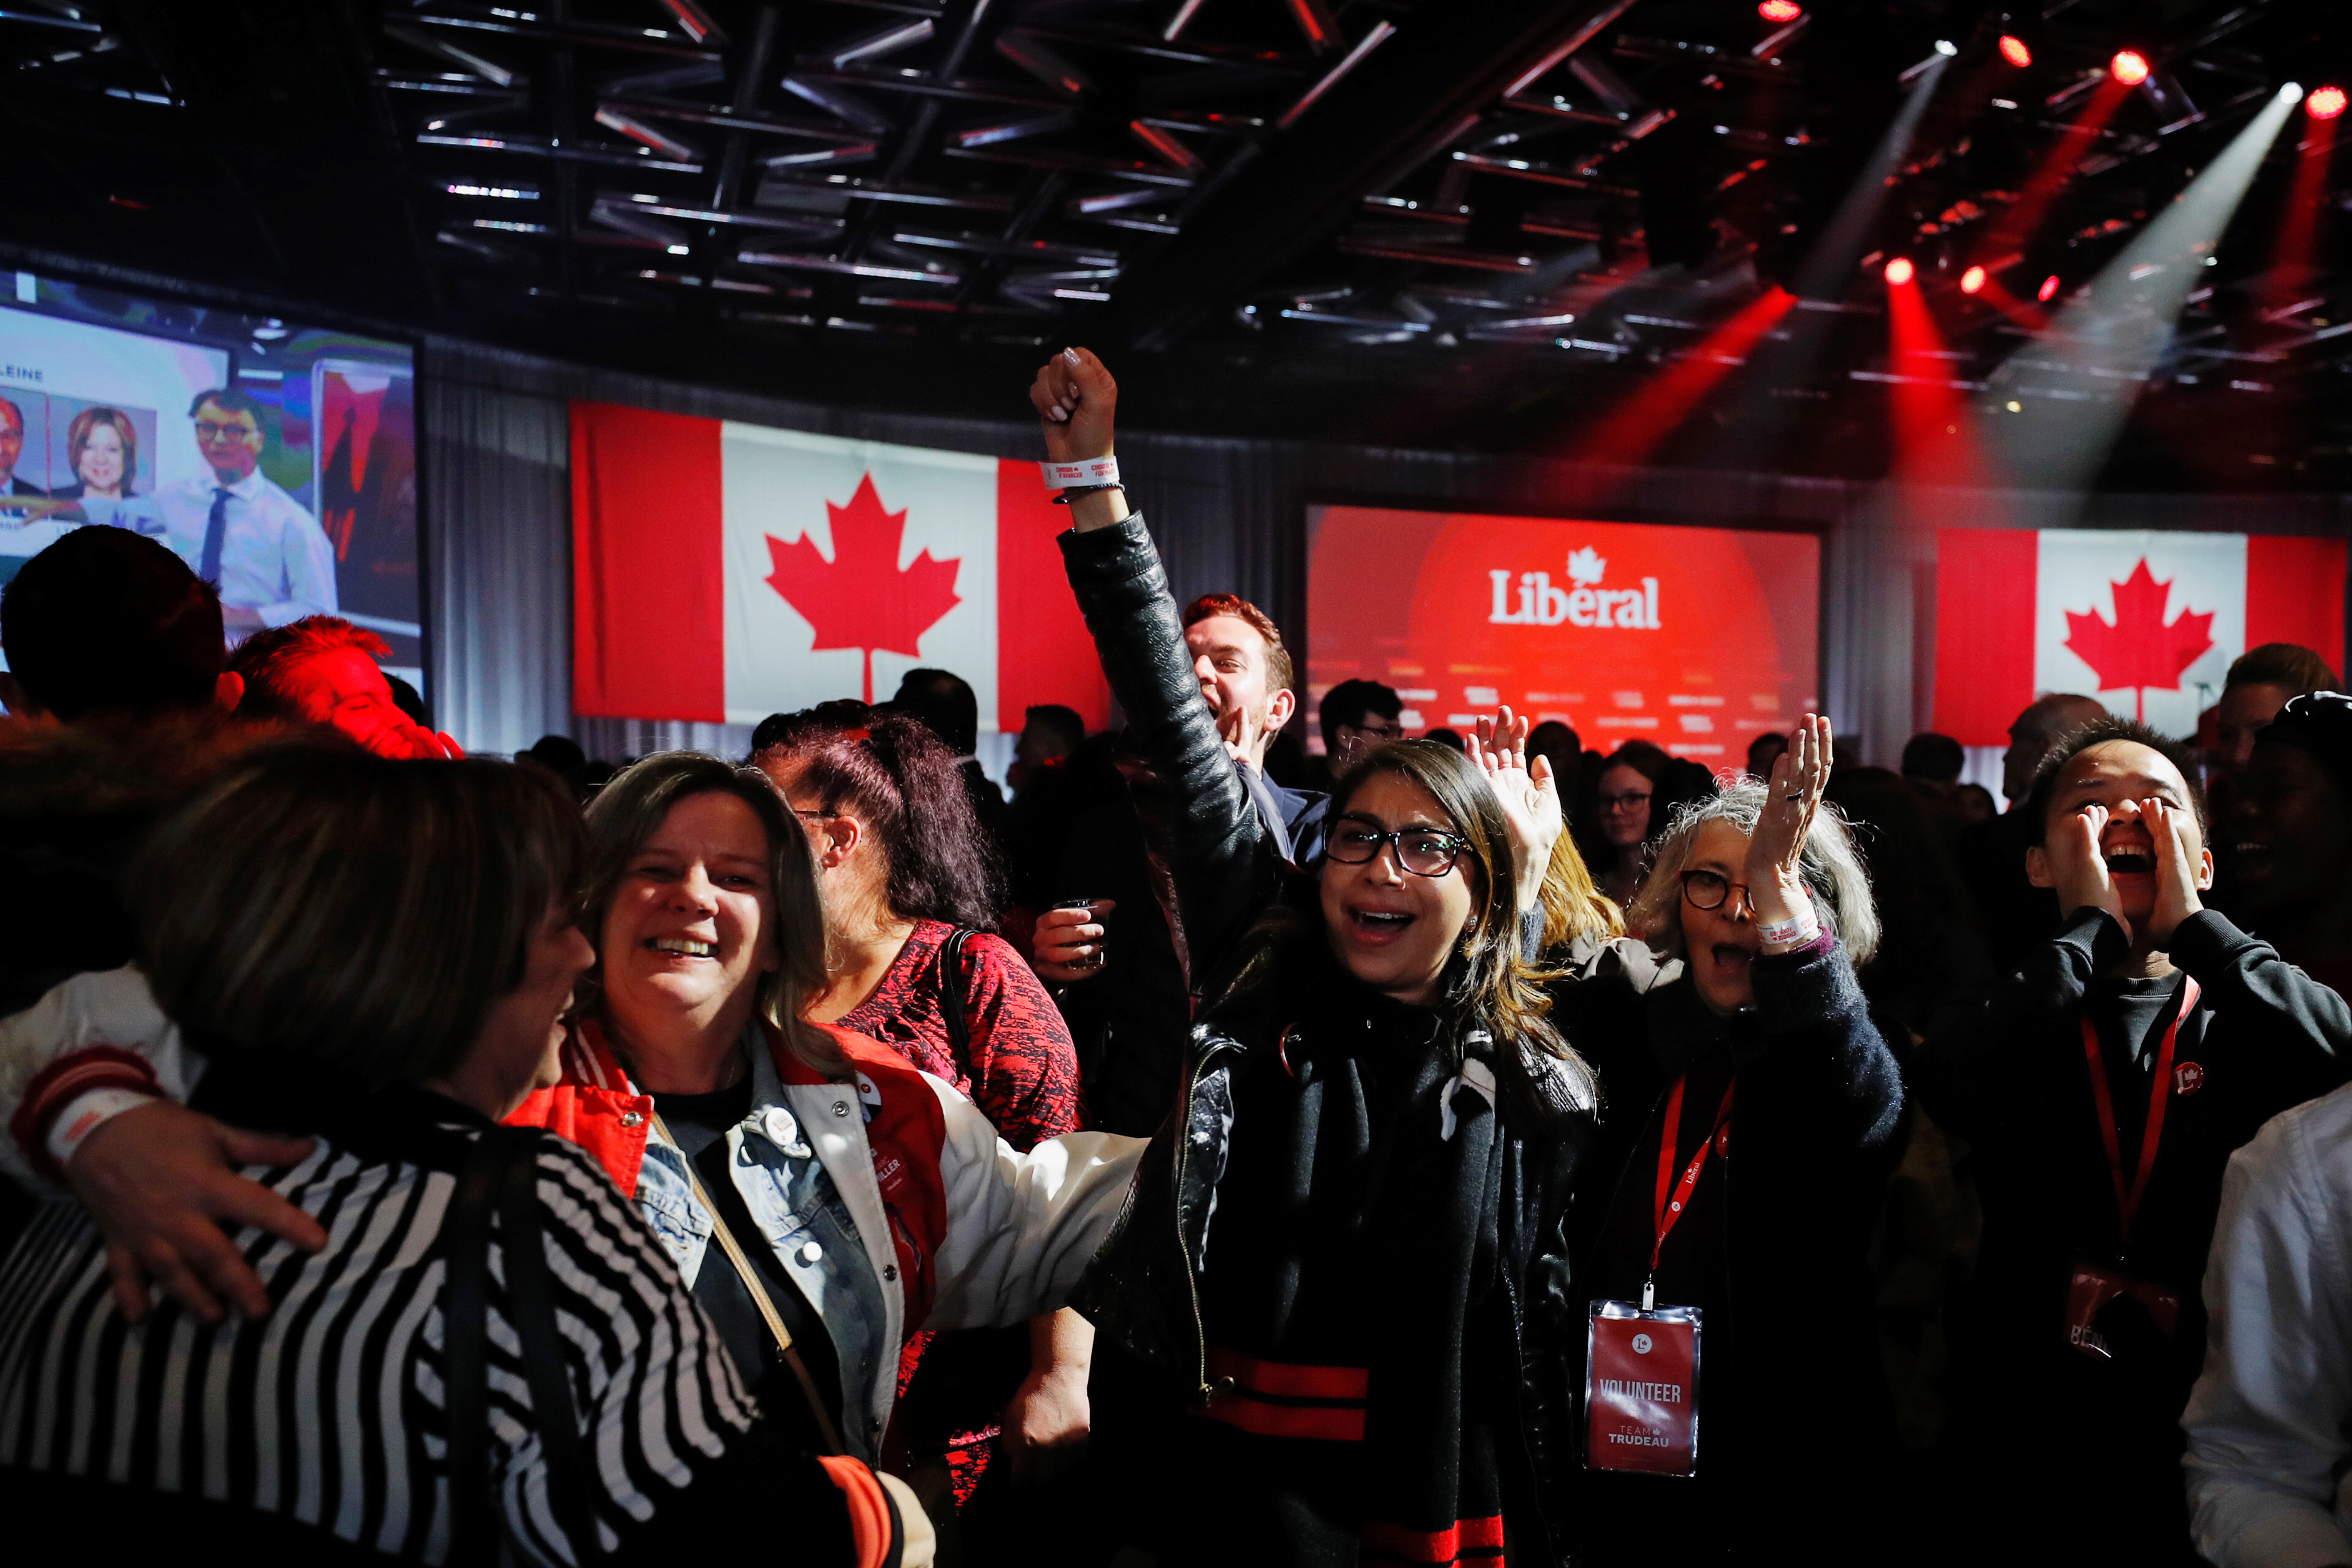 الحزب الليبرالي بزعامة جاستن ترودو يتصدّر الانتخابات التشريعية في كندا